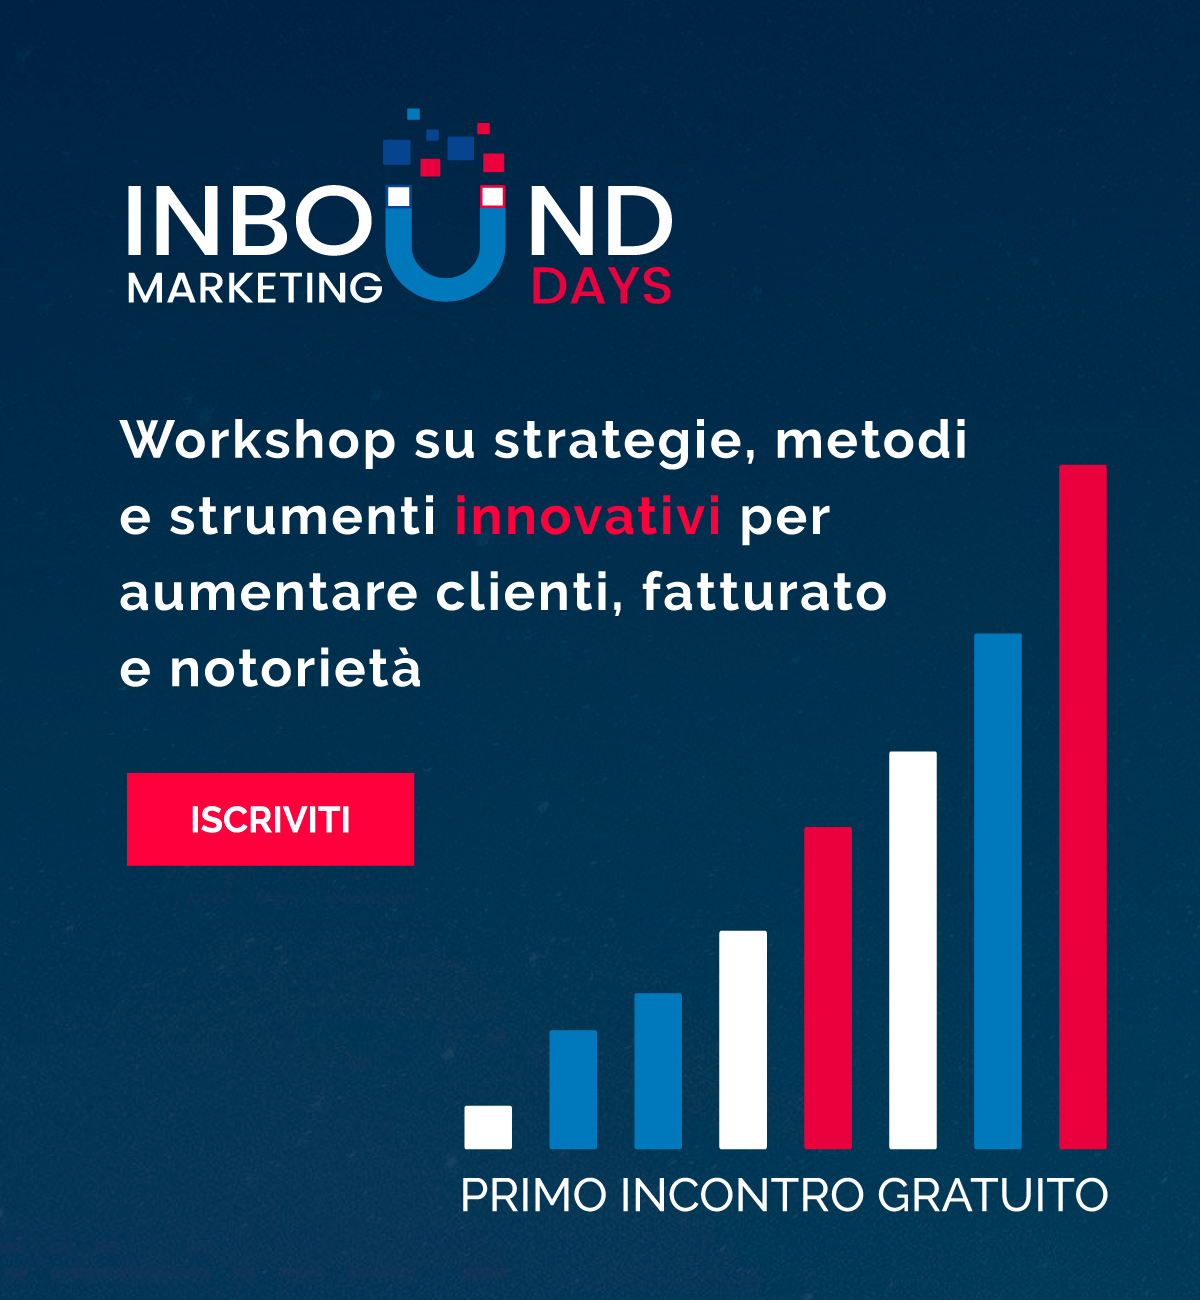 ISCRIVITI  Scopri le strategie per aumentare il numero dei contatti e delle vendite  attraverso l'Inbound Marketing.